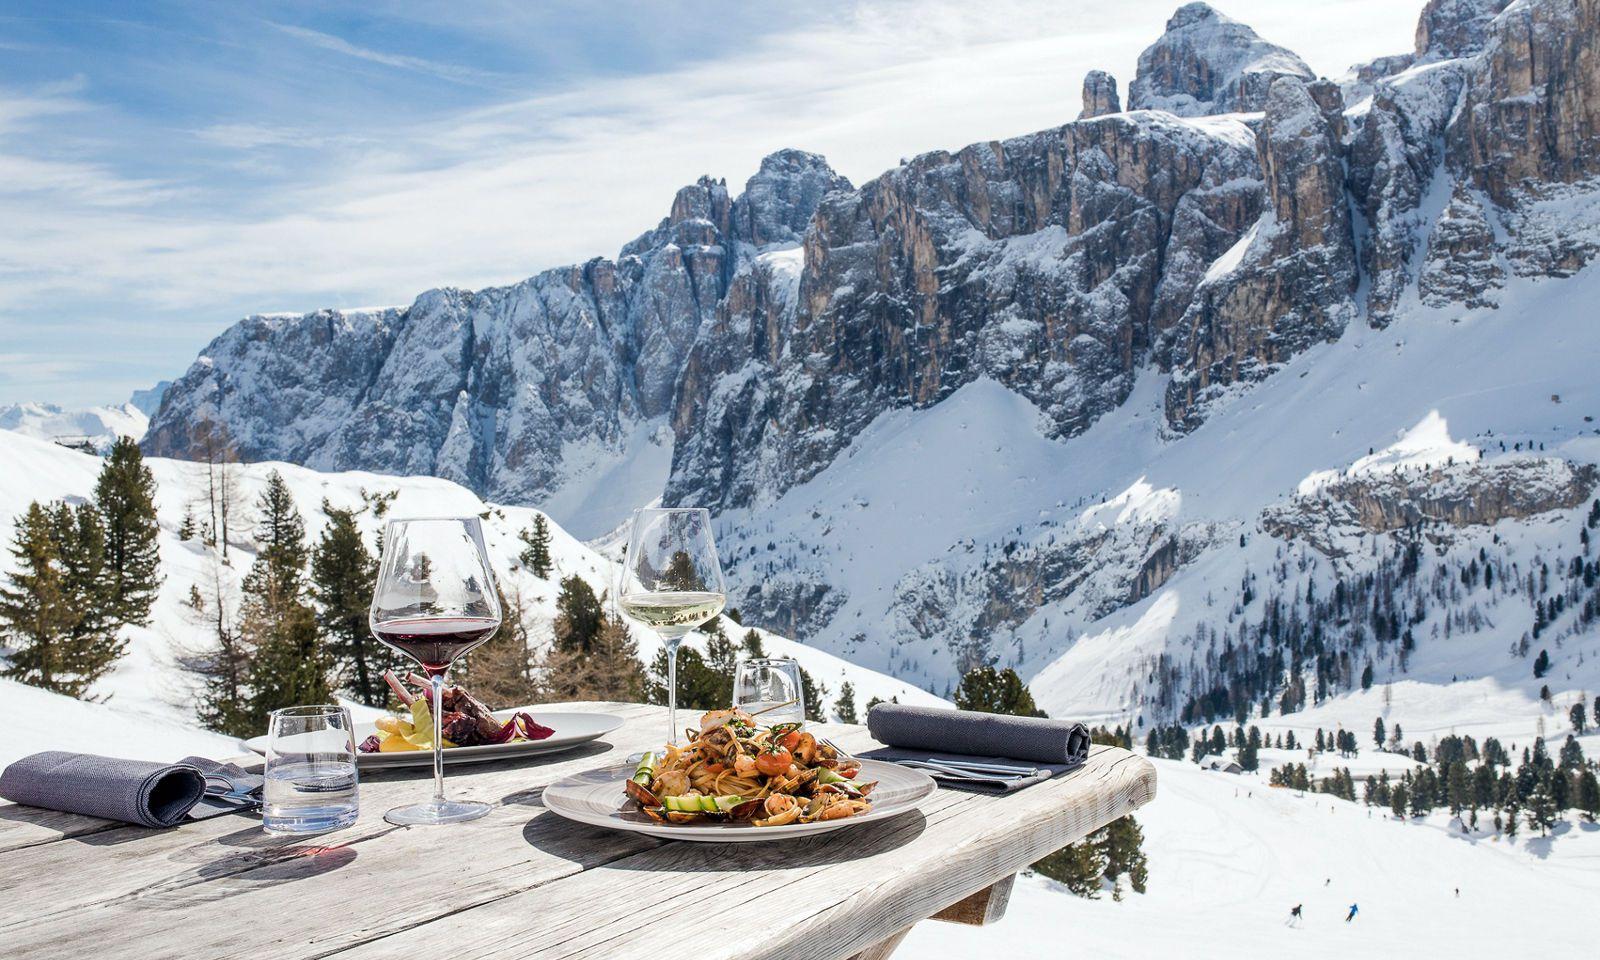 Gastgarten. Küchenstandards vom Tal darf man hier am Berg erwarten.